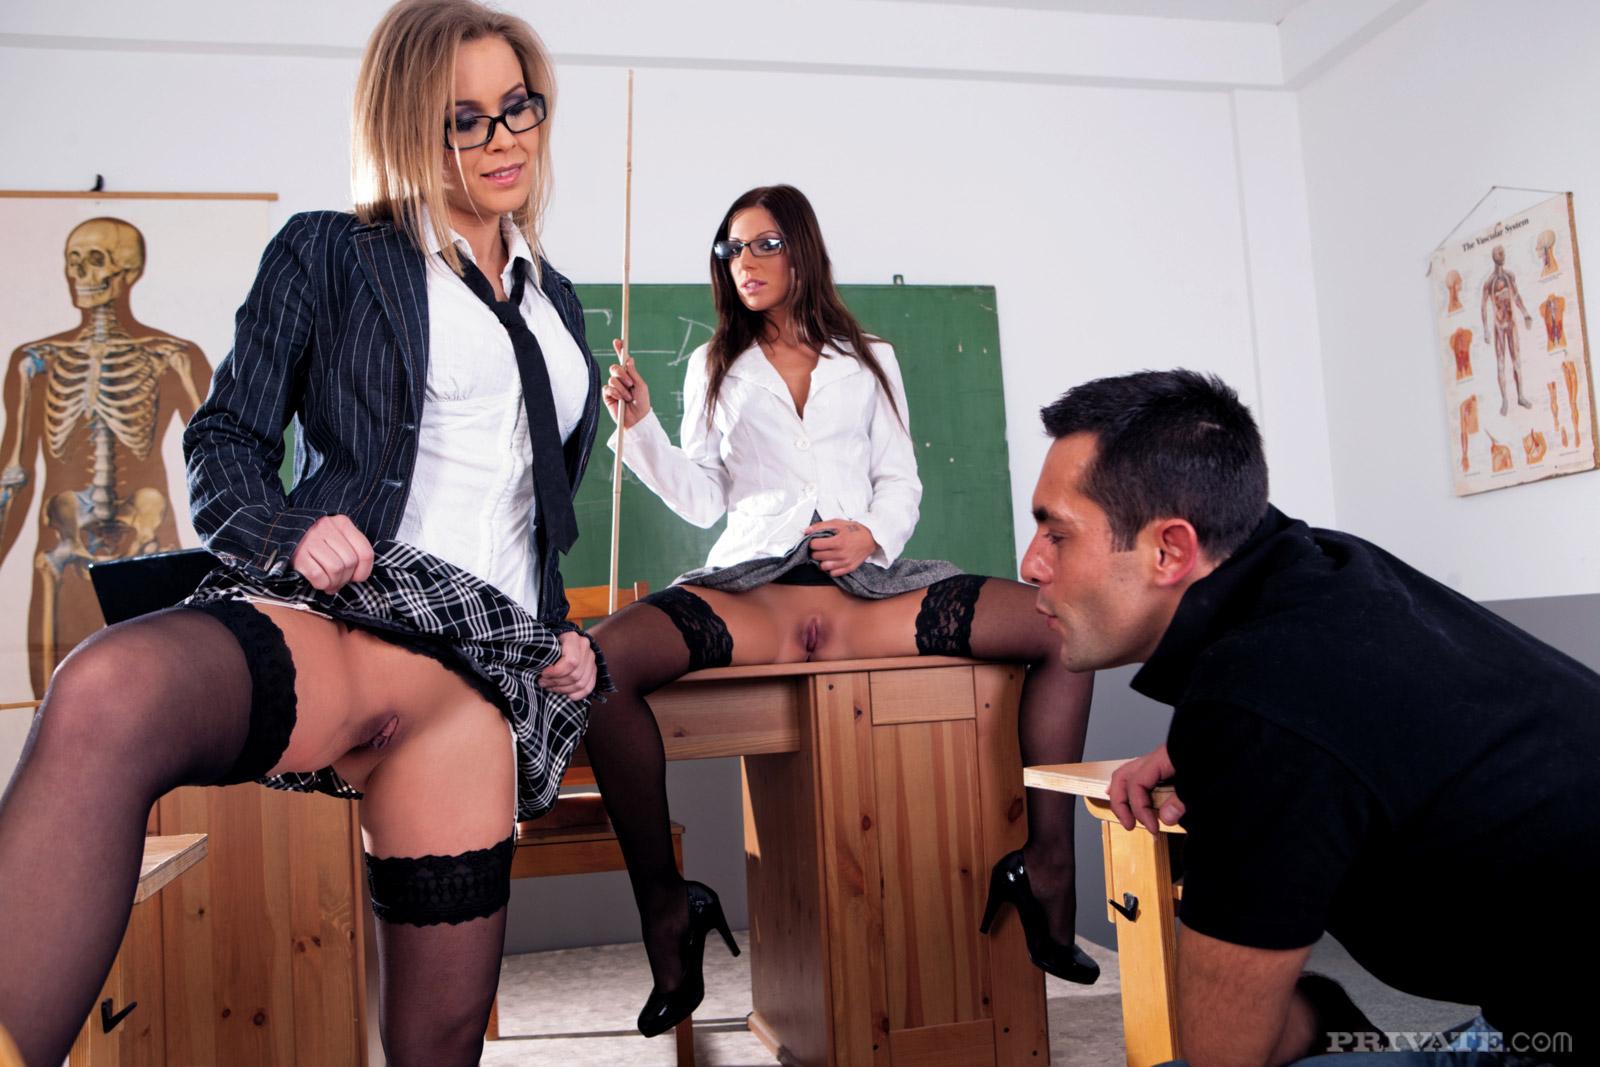 Училка в чулках секс в школі, Учительницы порно, смотреть секс Учительницы 4 фотография